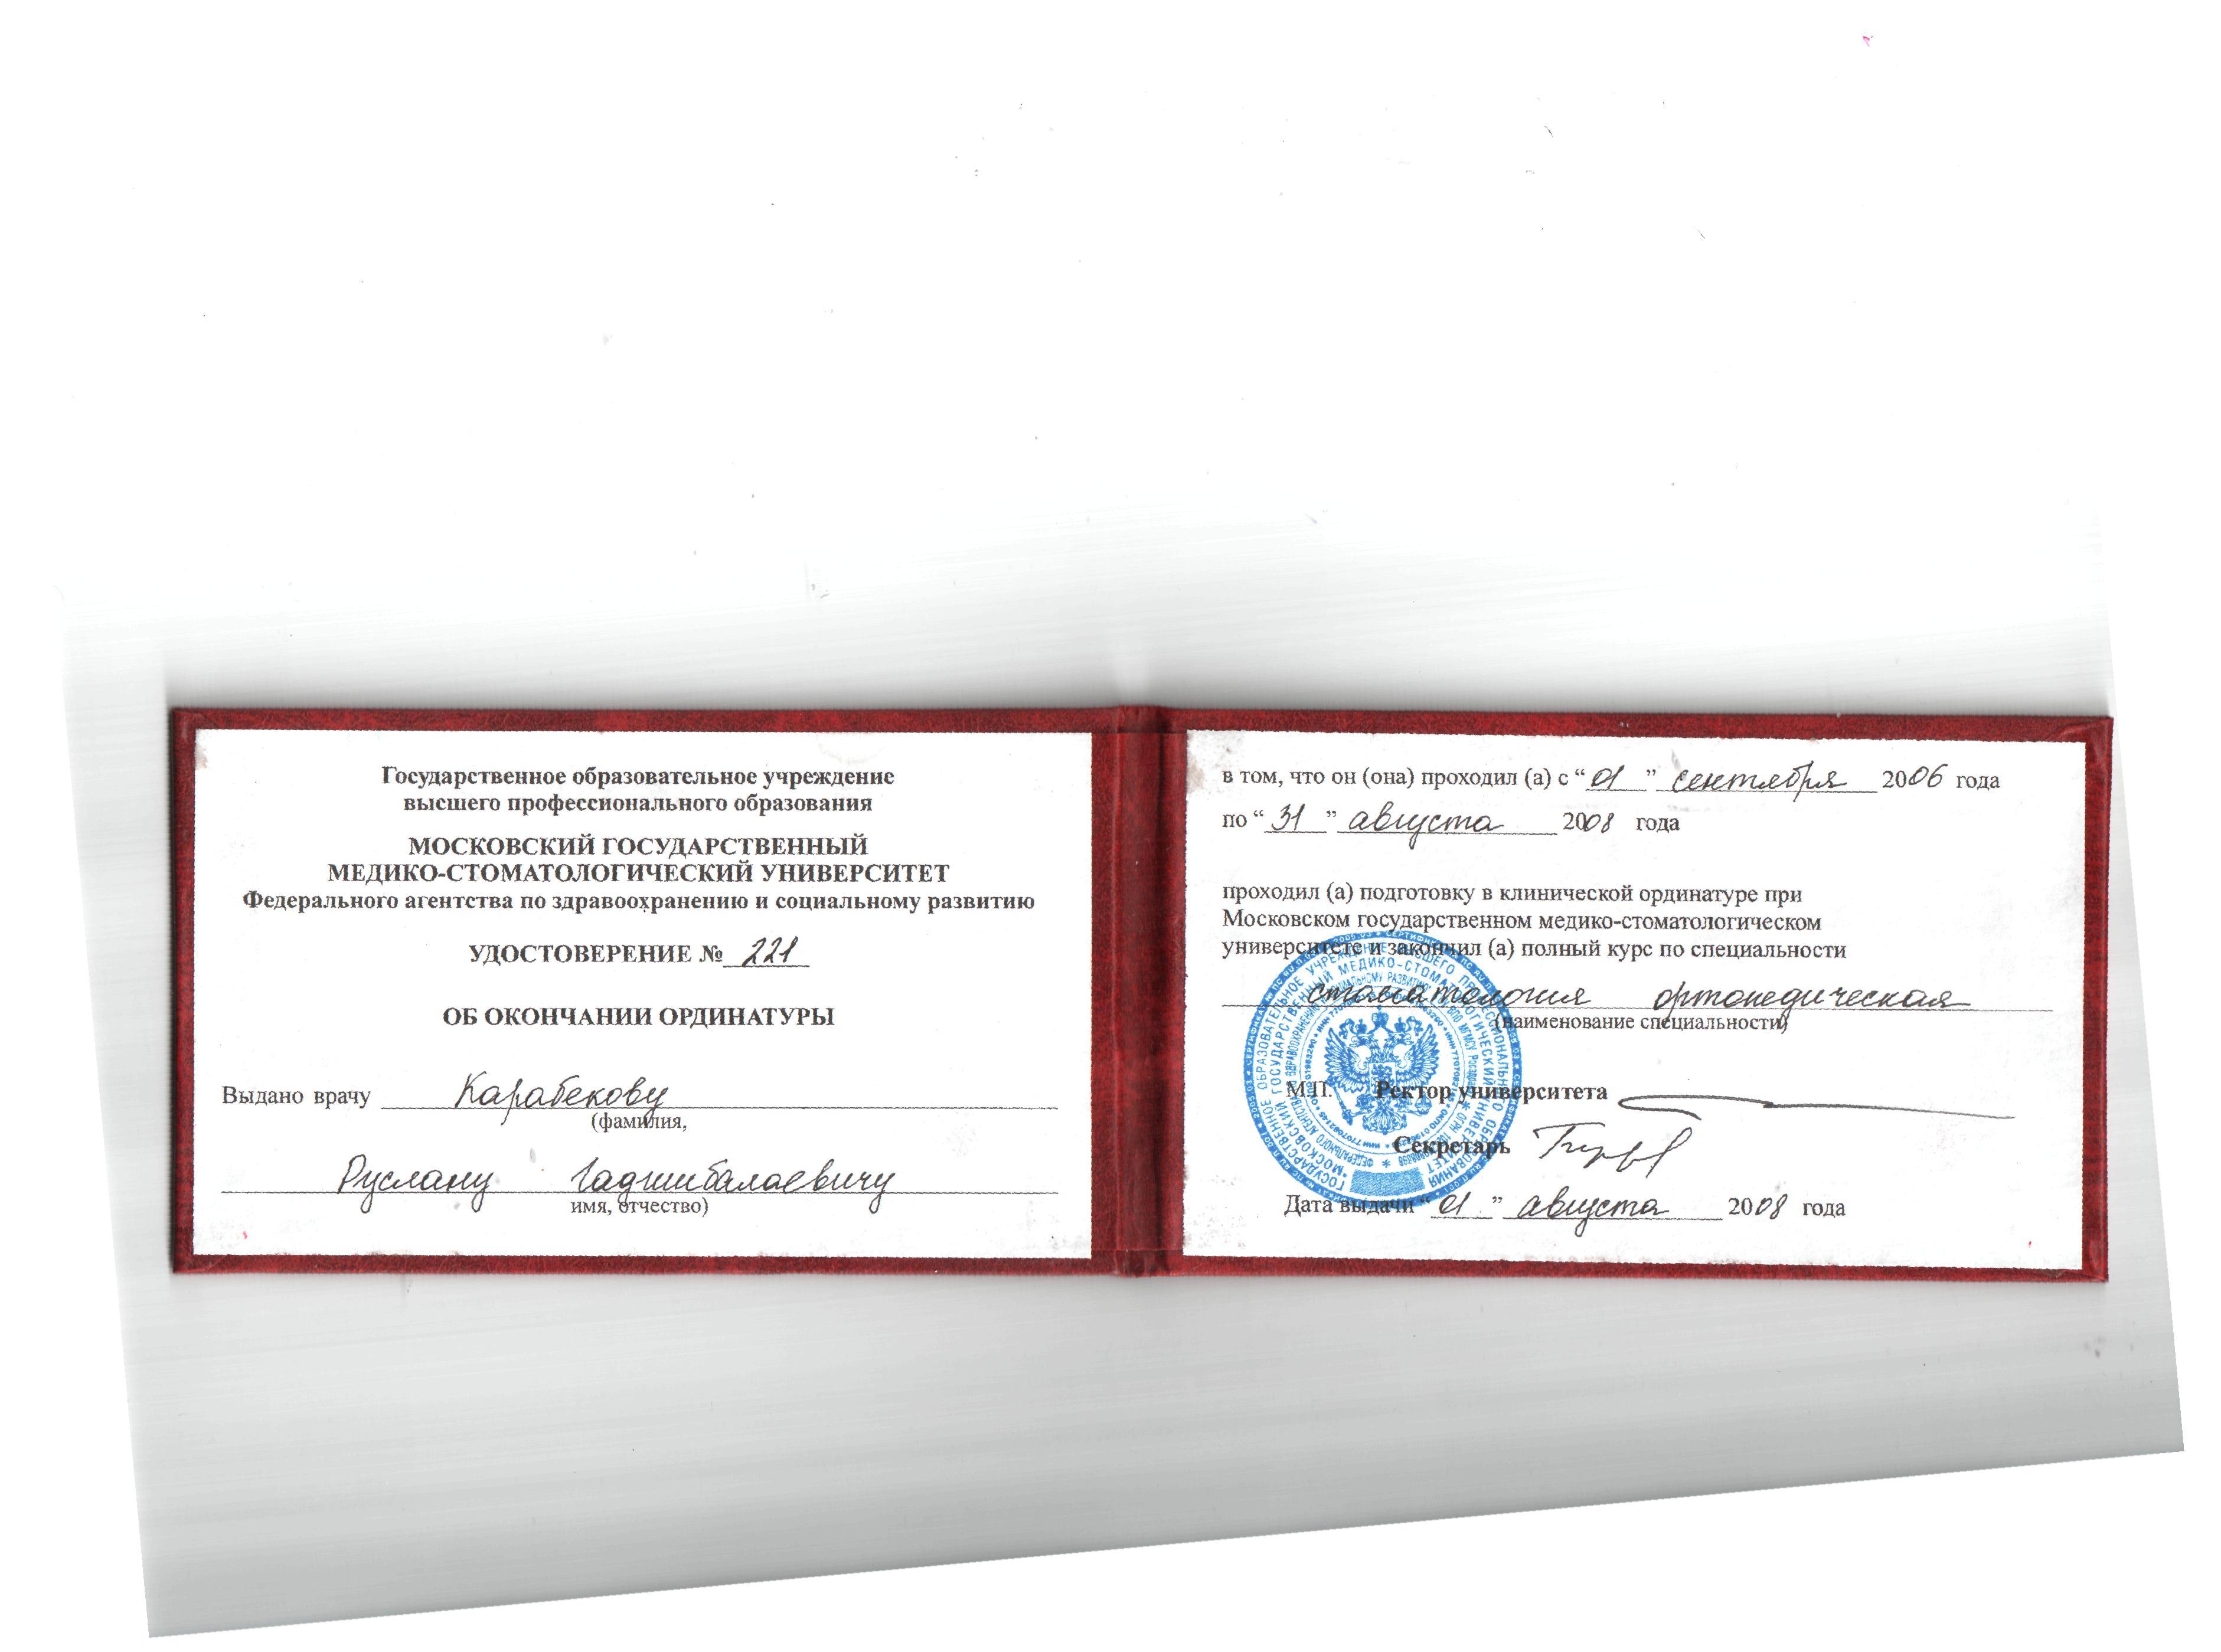 2008 удостоверение